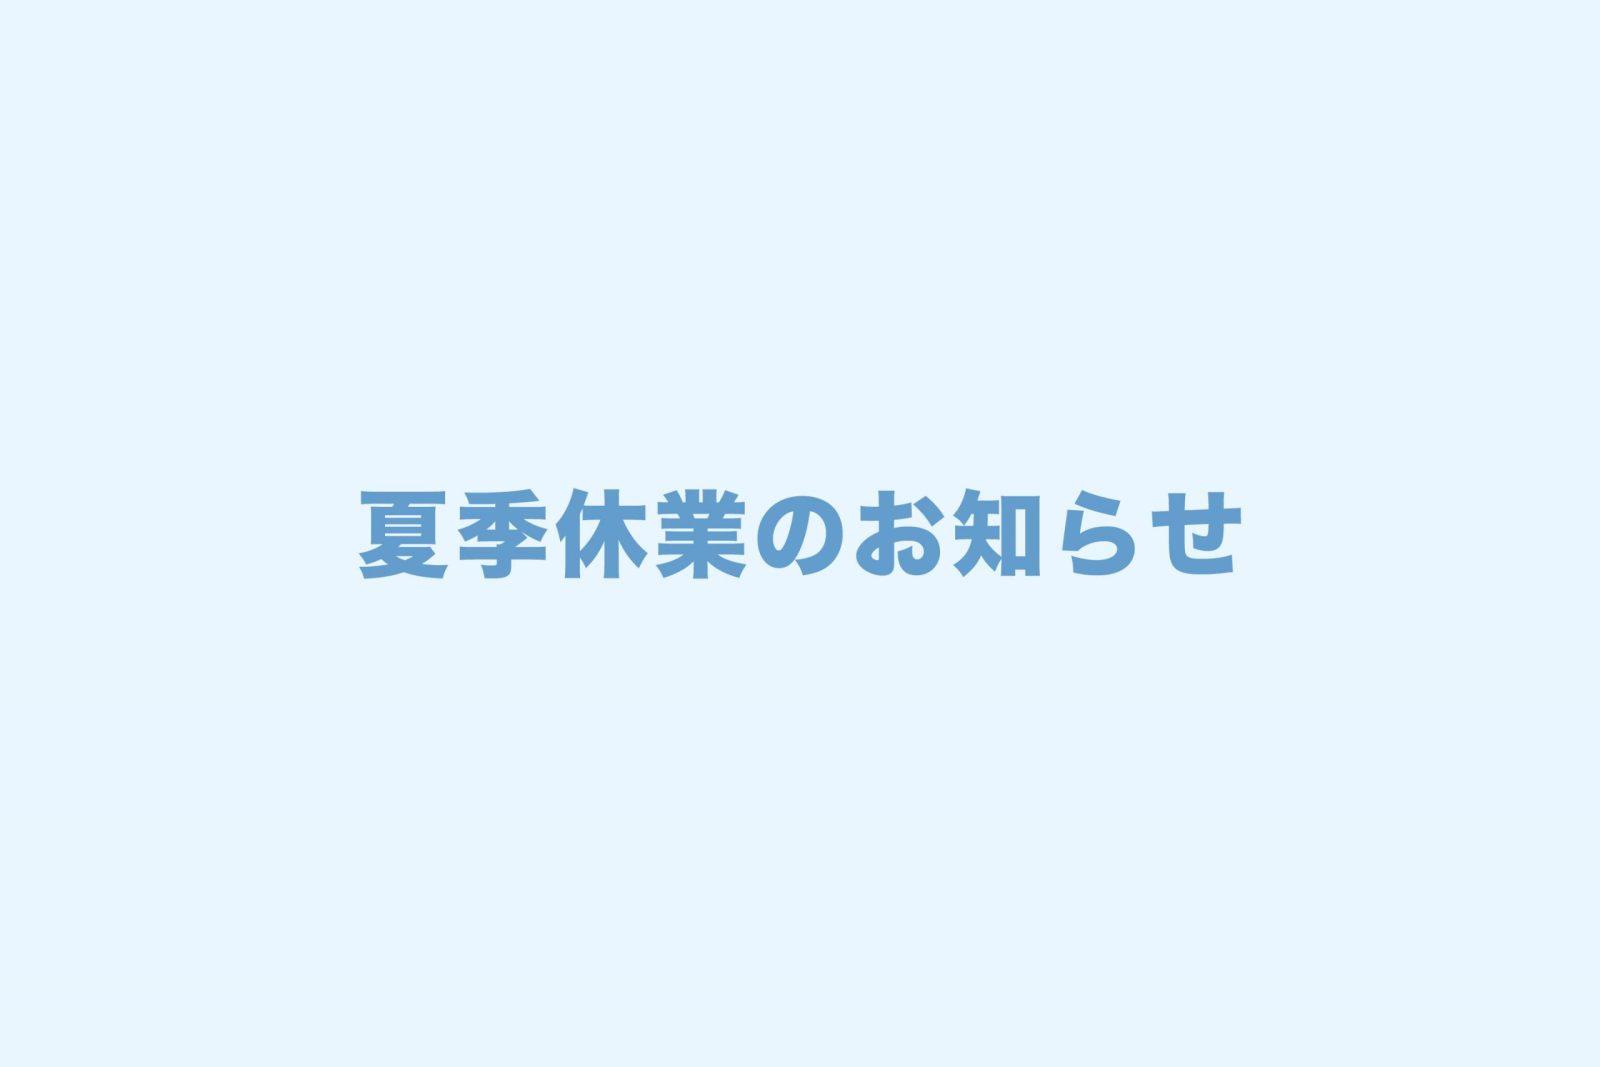 夏季休業(8/13〜8/16)のお知らせ